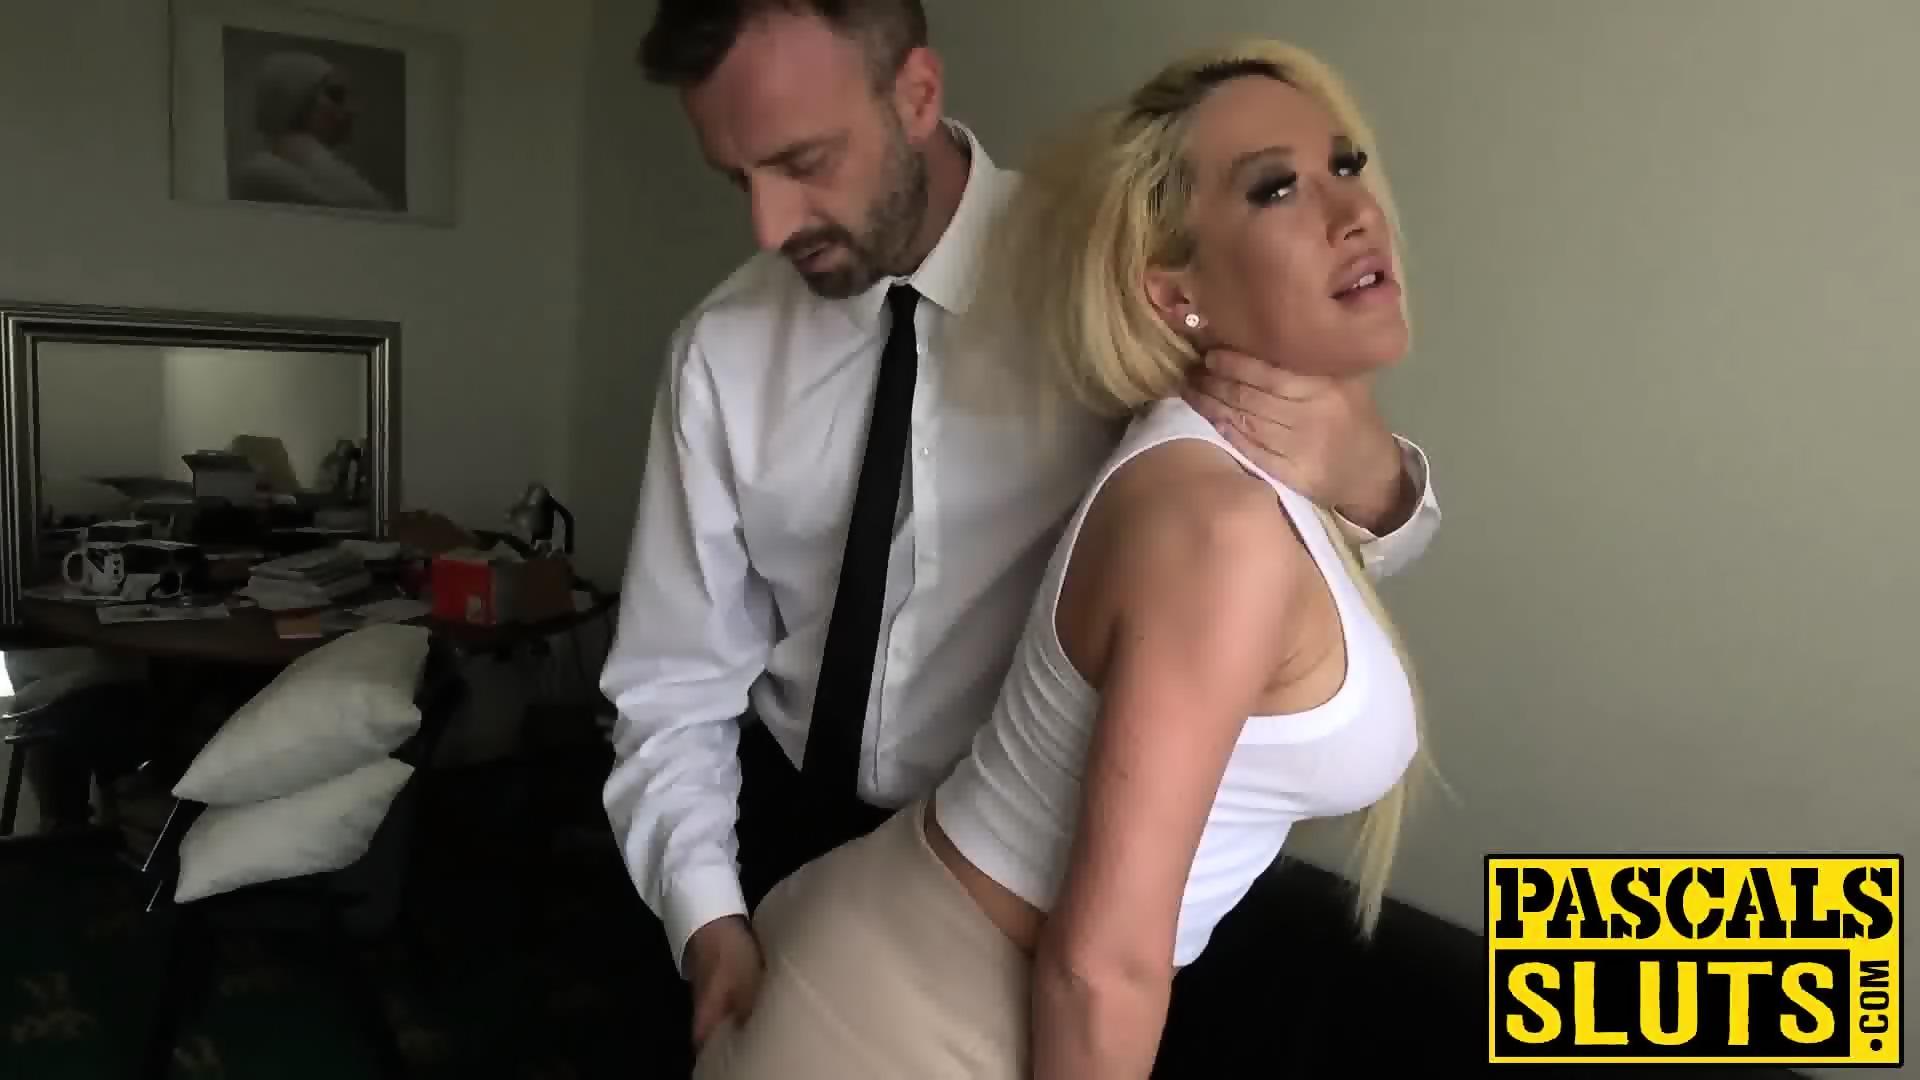 Porn tube botox !!!!!!!! hahaha